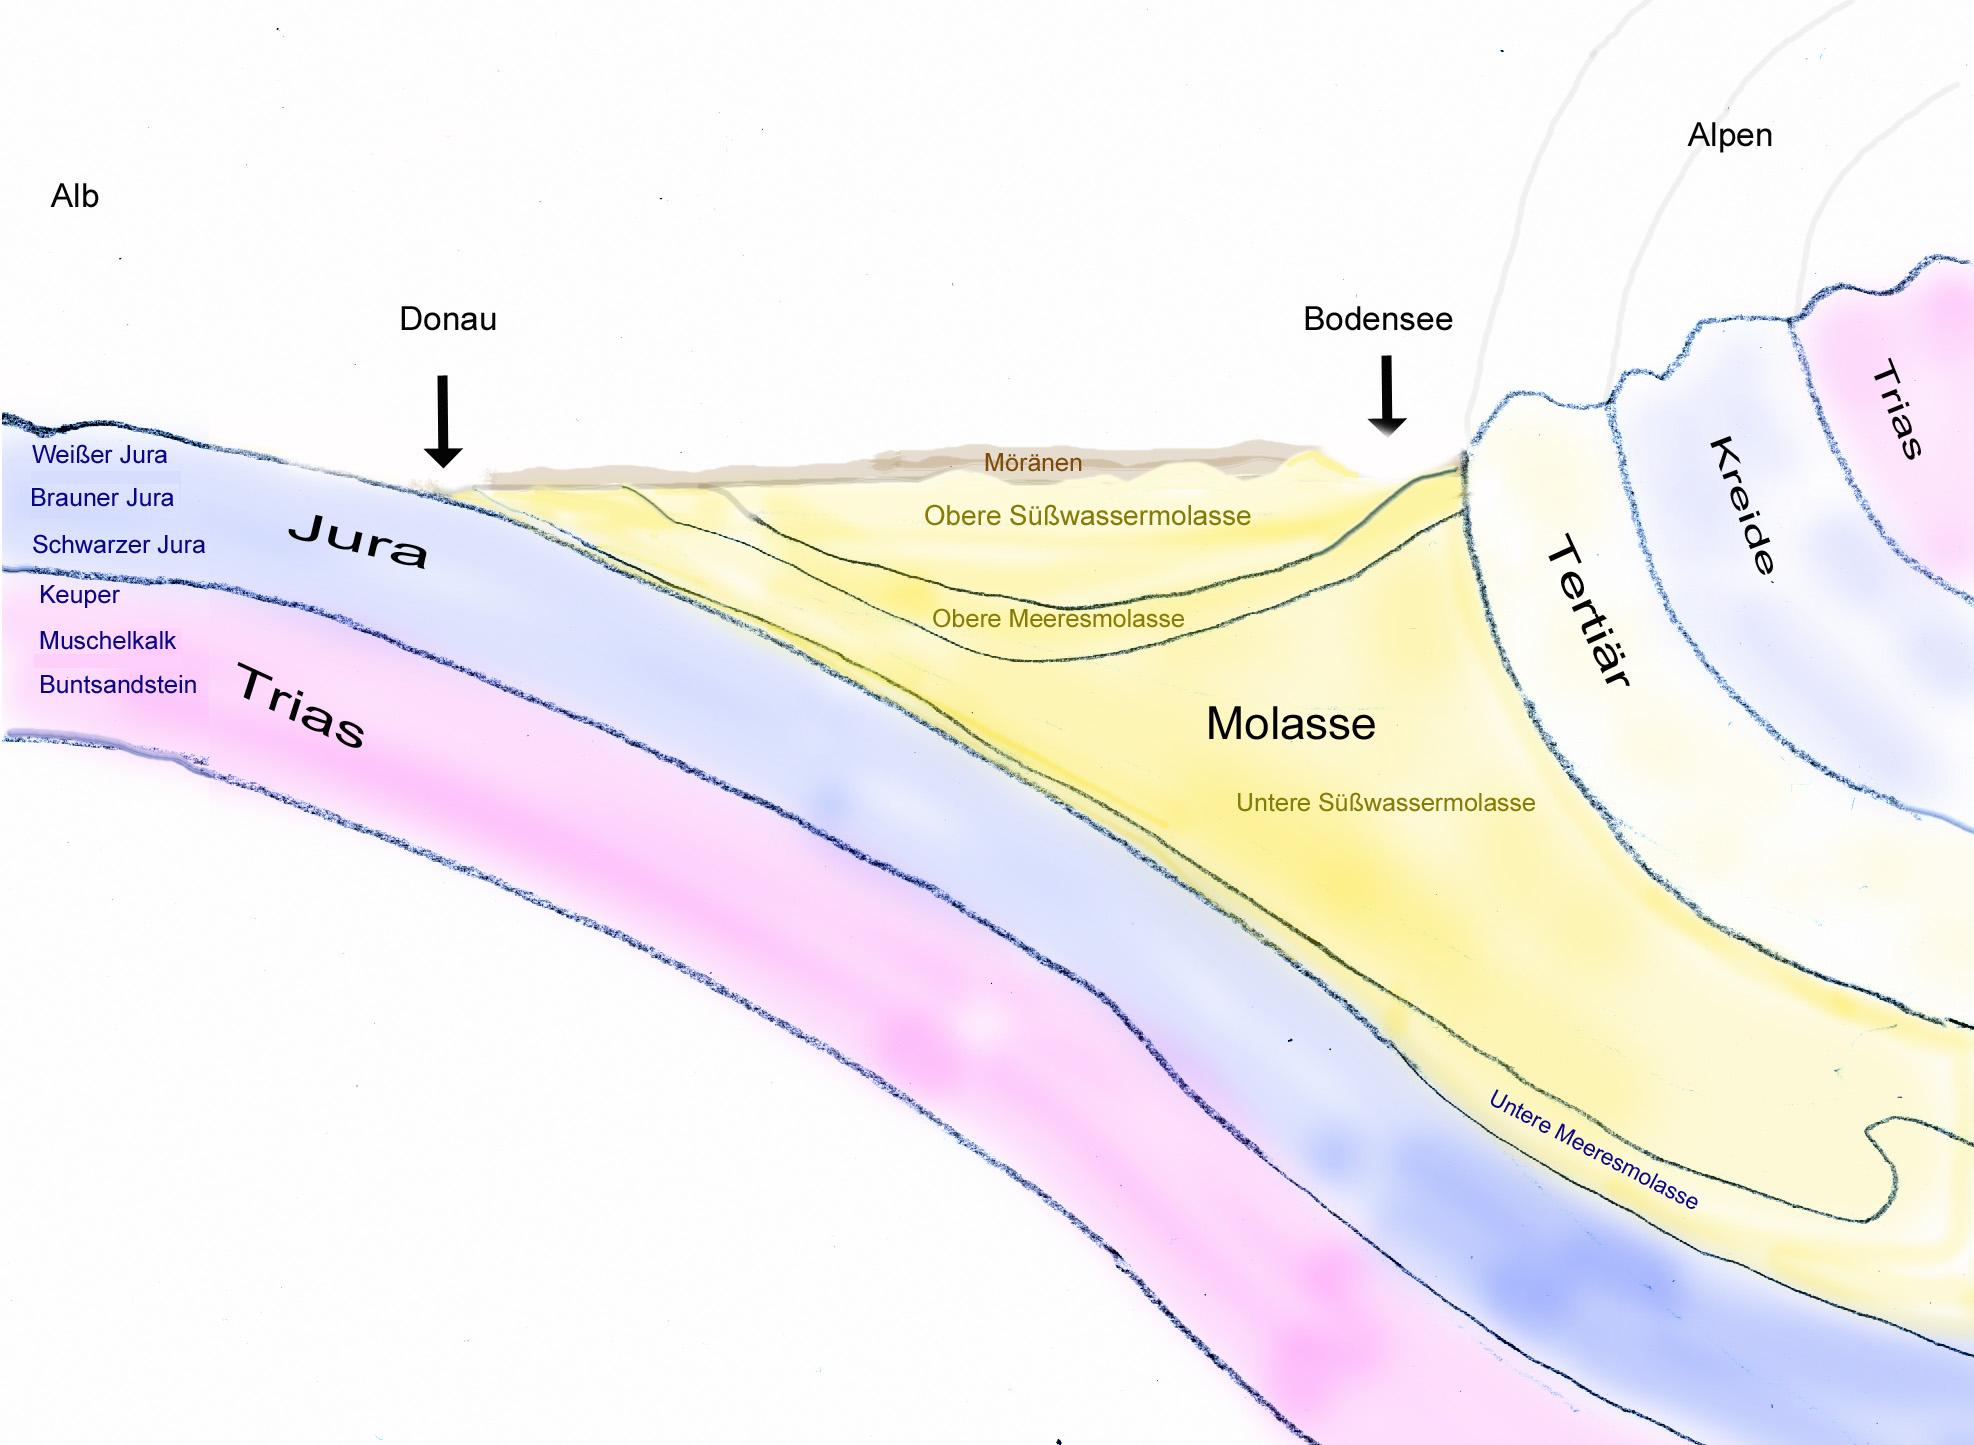 Geologischer Untergrund Oberschwabens (verändert nach Zier : Das Pfrunger Ried, 2.A.1997)